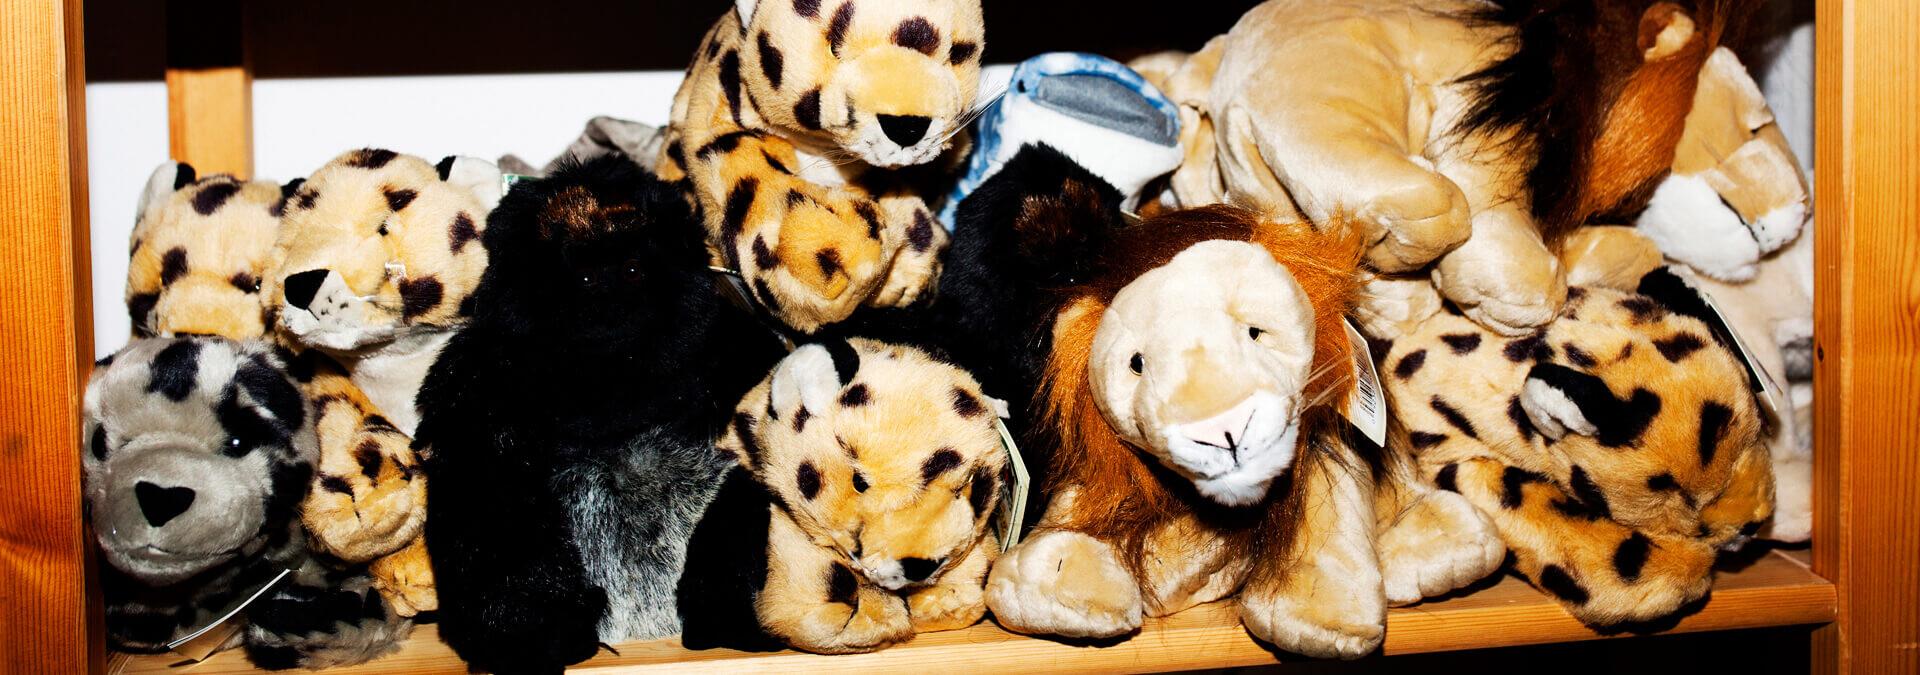 Bamser på hylder i Børnetræet for børn på krisecenter